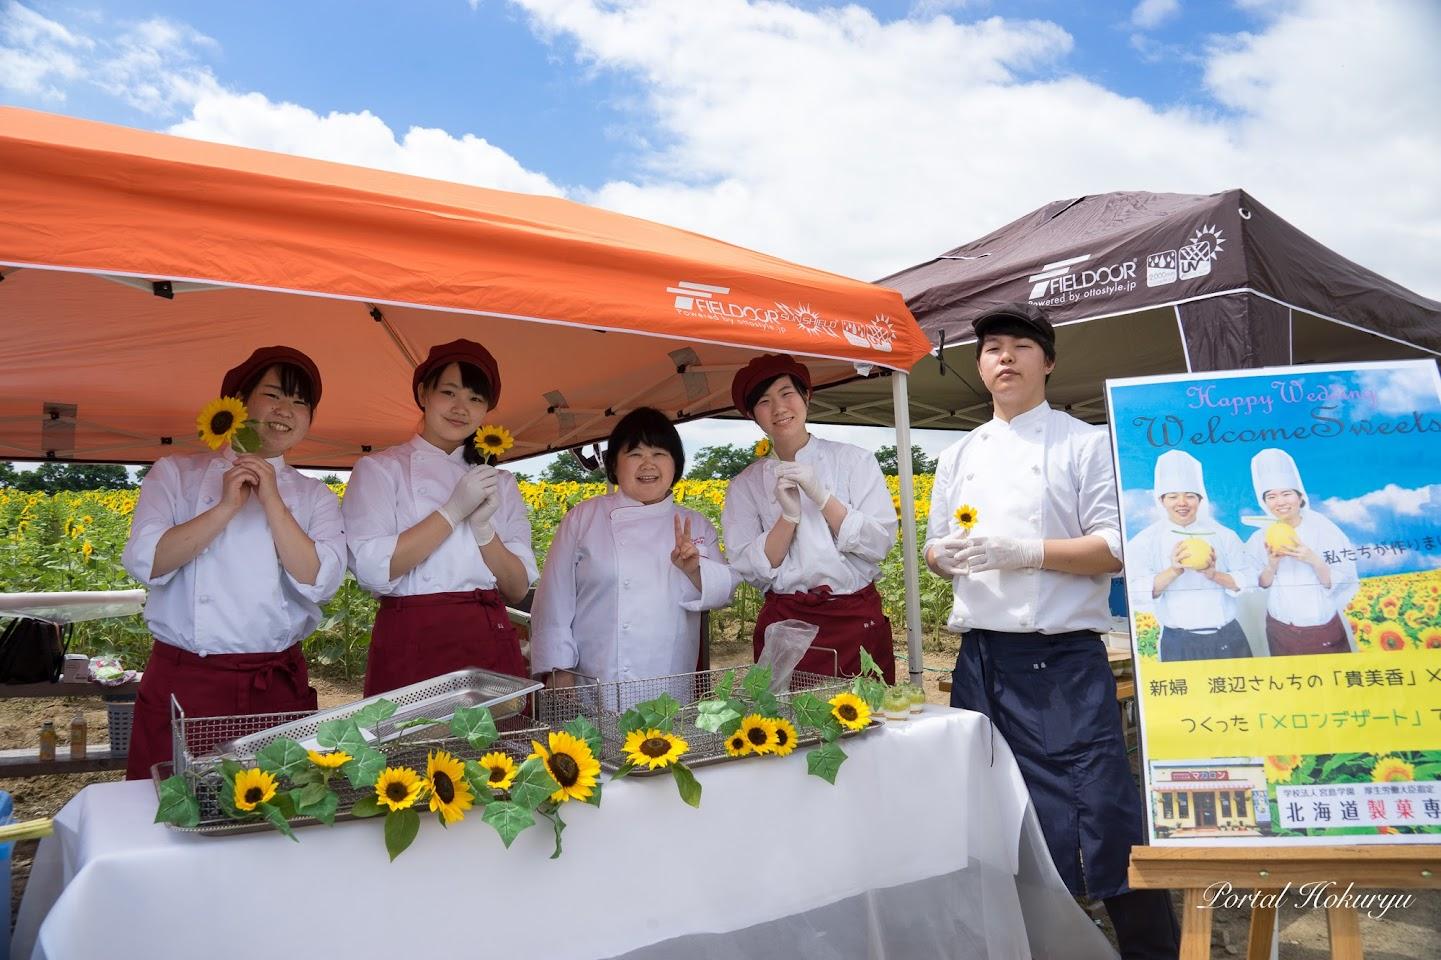 宮島学園北海道製菓専門学校(札幌市)の先生、生徒さん